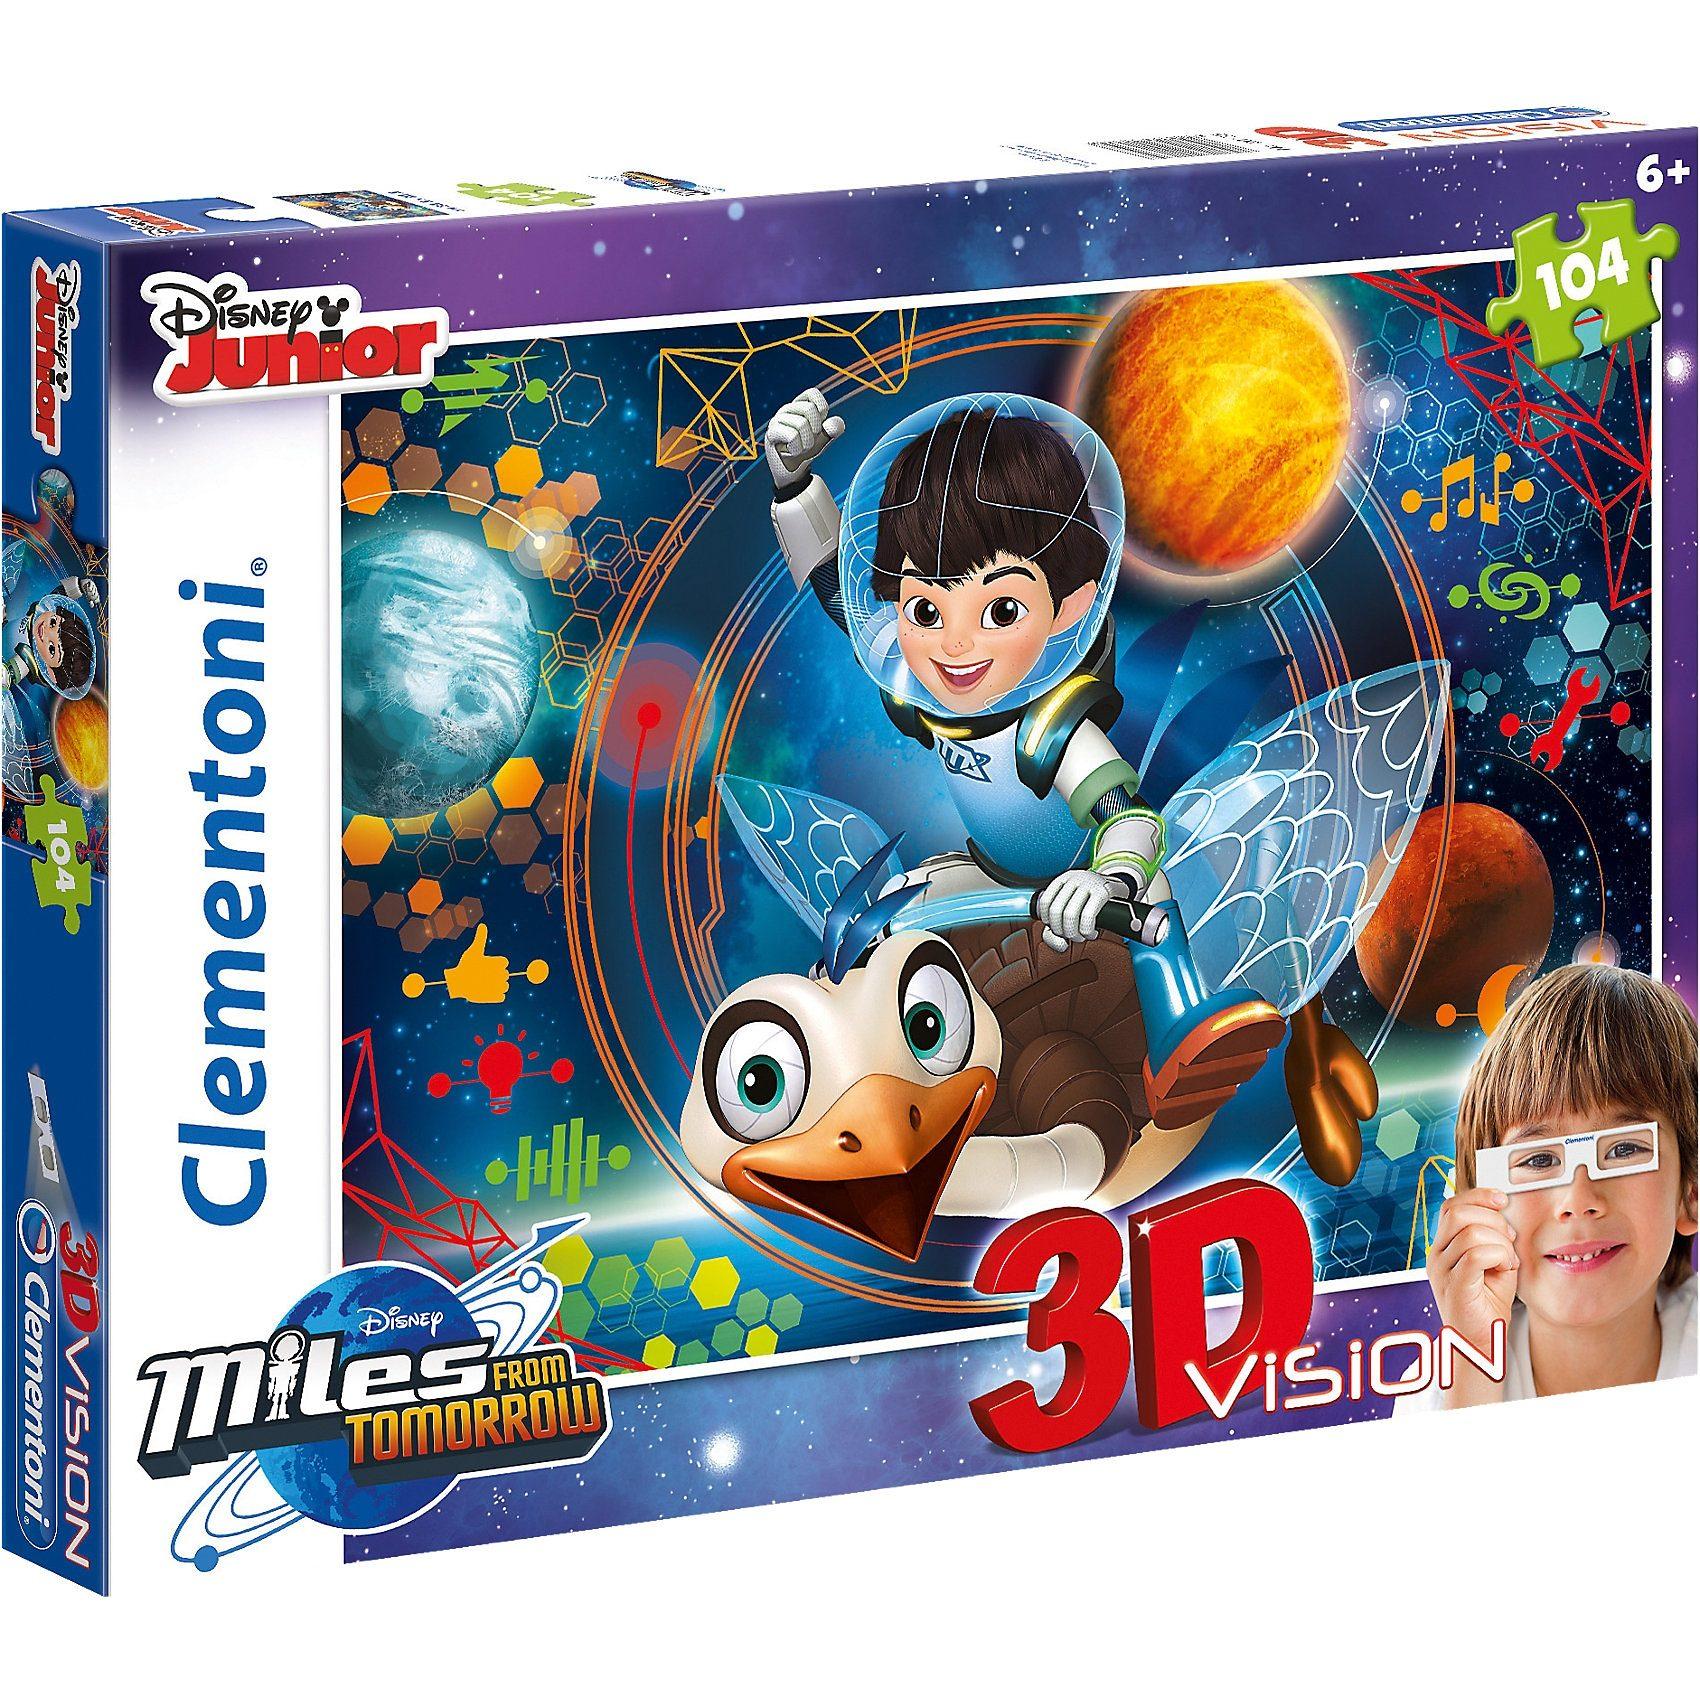 Clementoni 3D Vision Puzzle 104 Teile - Miles von Morgen